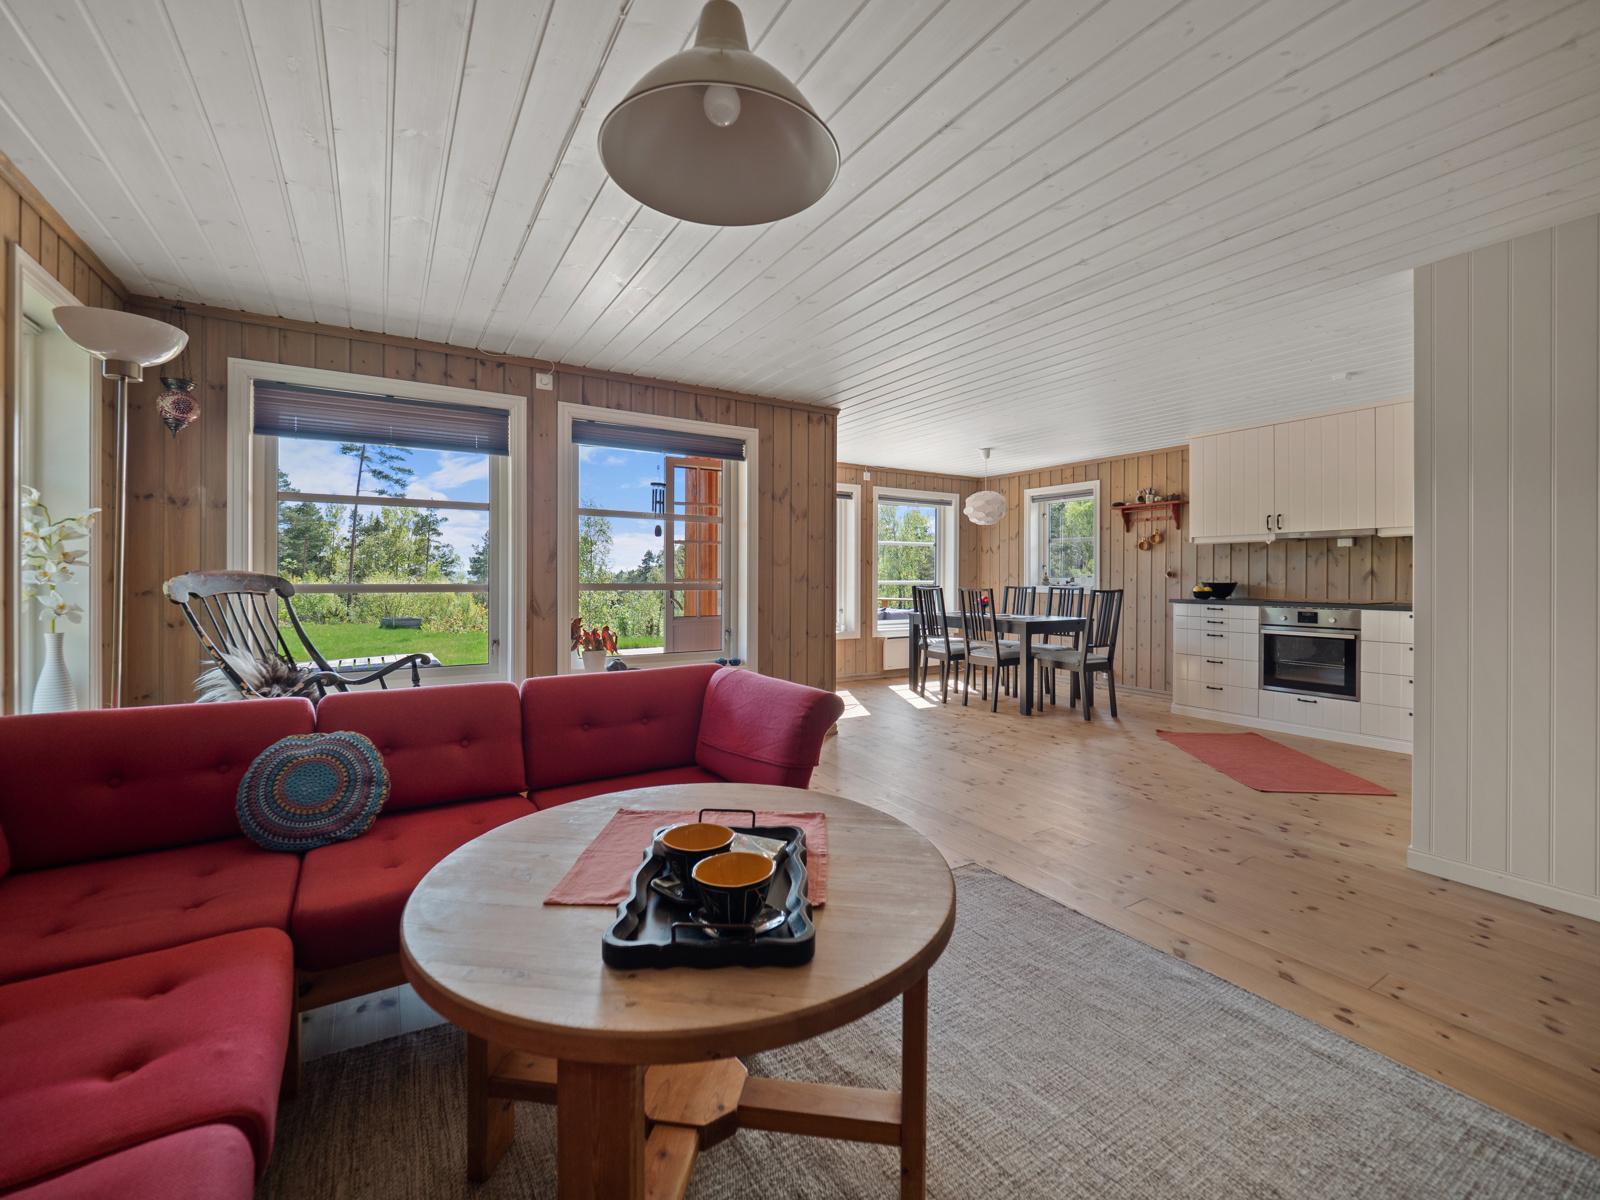 Stue og kjøkken i åpen løsning sammen med store vinduer som gir rommet en lys og hyggelig atmosfære